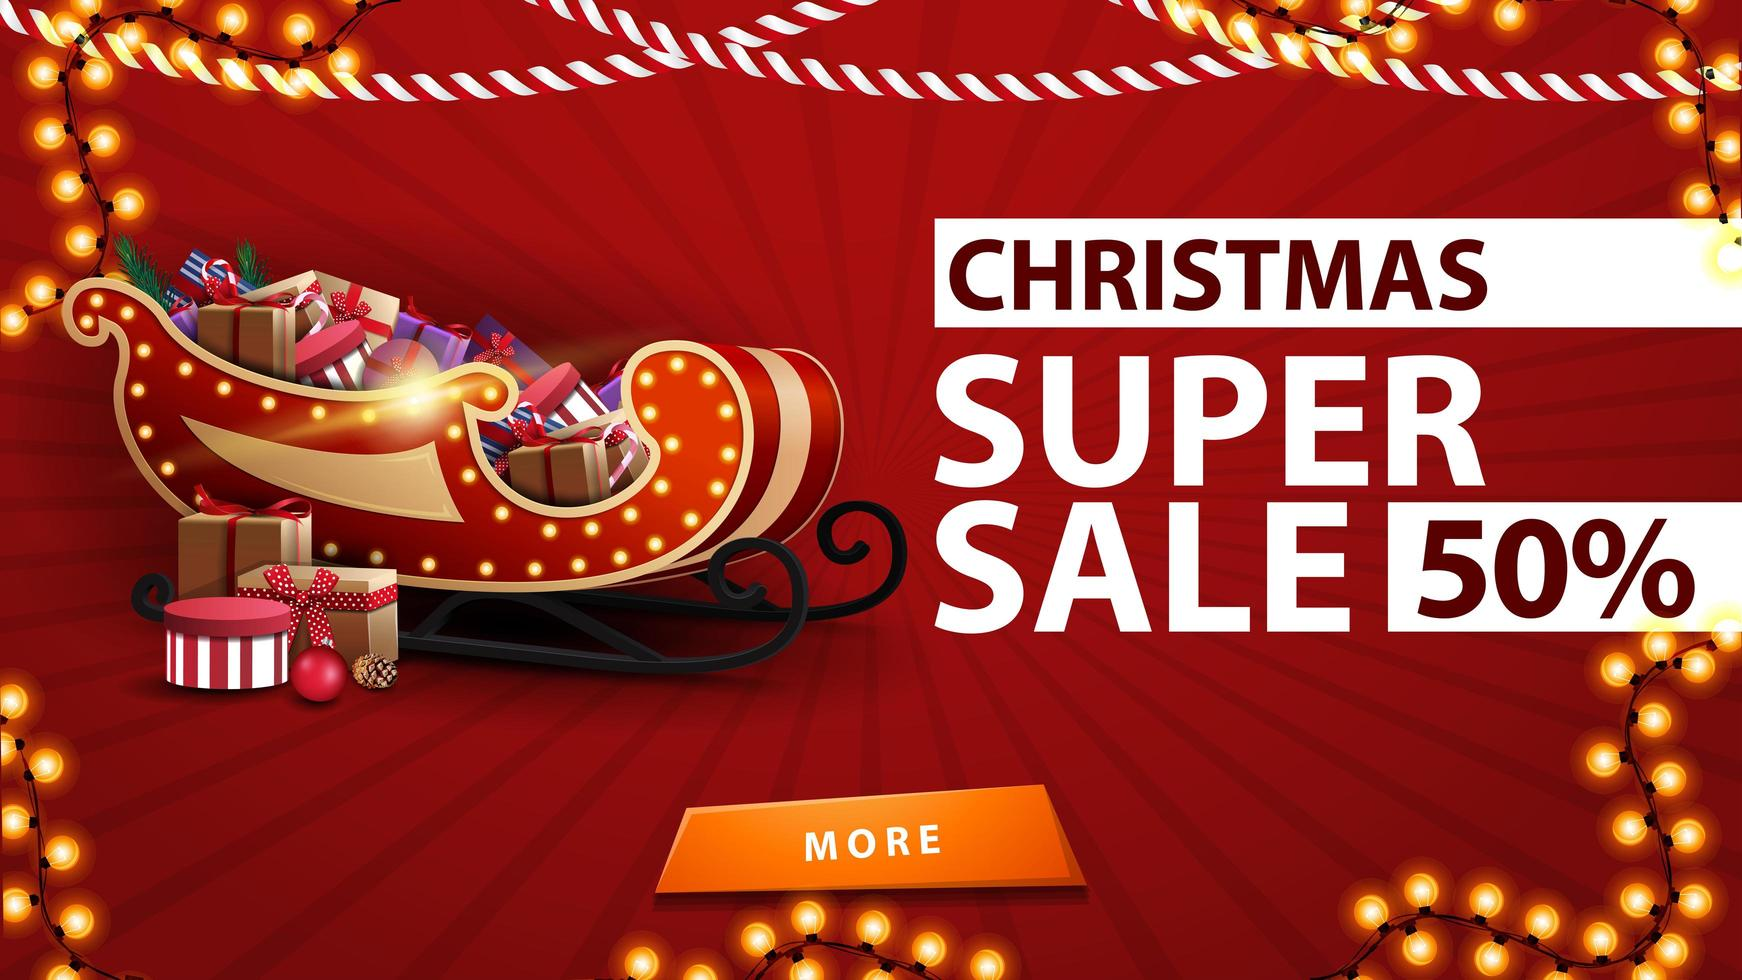 Weihnachten Super Sale, bis zu 50 Rabatt, rotes Rabatt-Banner mit Girlanden, Knopf und Santa Schlitten mit Geschenken vektor